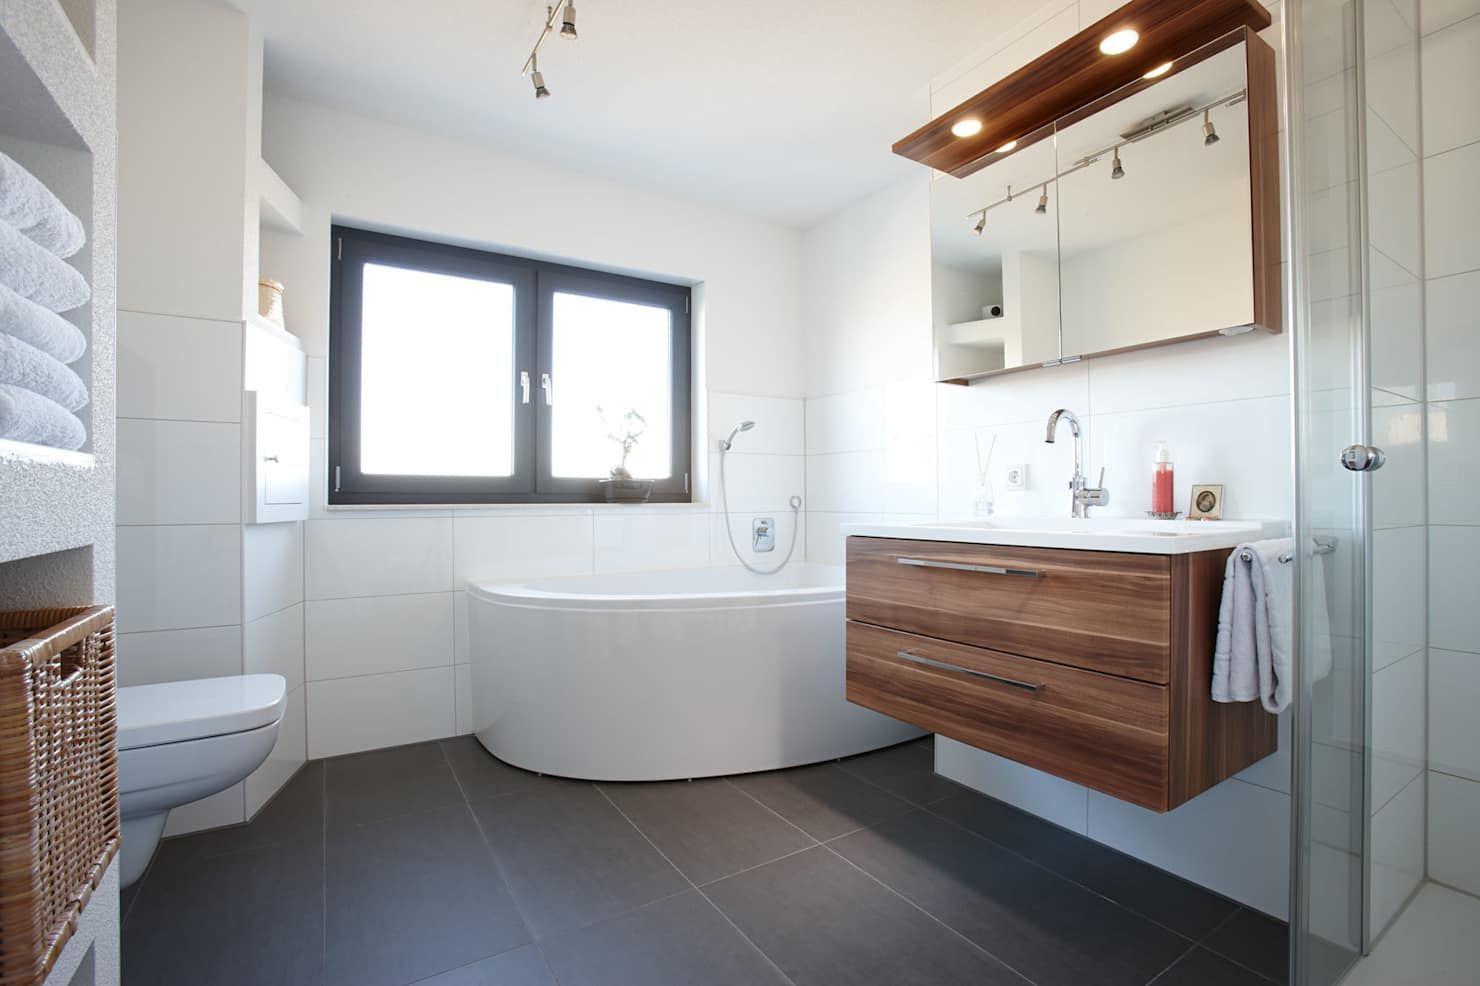 Architektur trend – das badezimmer mit eckbadewanne moderne